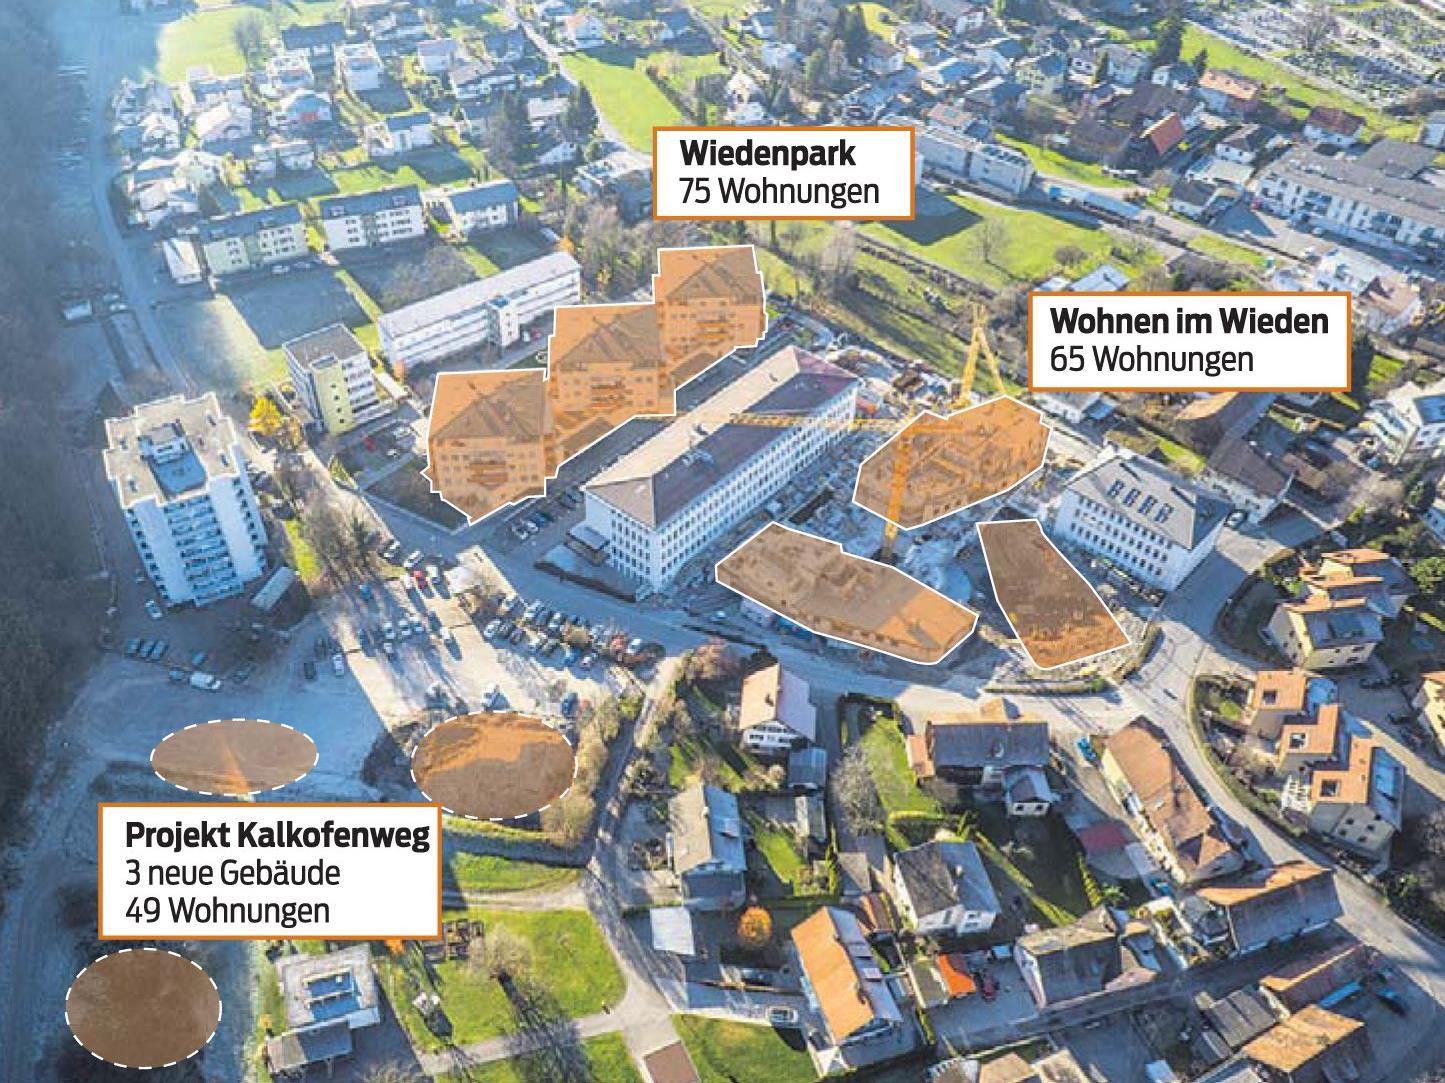 Gutachten sieht keine Störung des Orts- und Landschaftsbildes durch das Projekt Kalkofenweg.